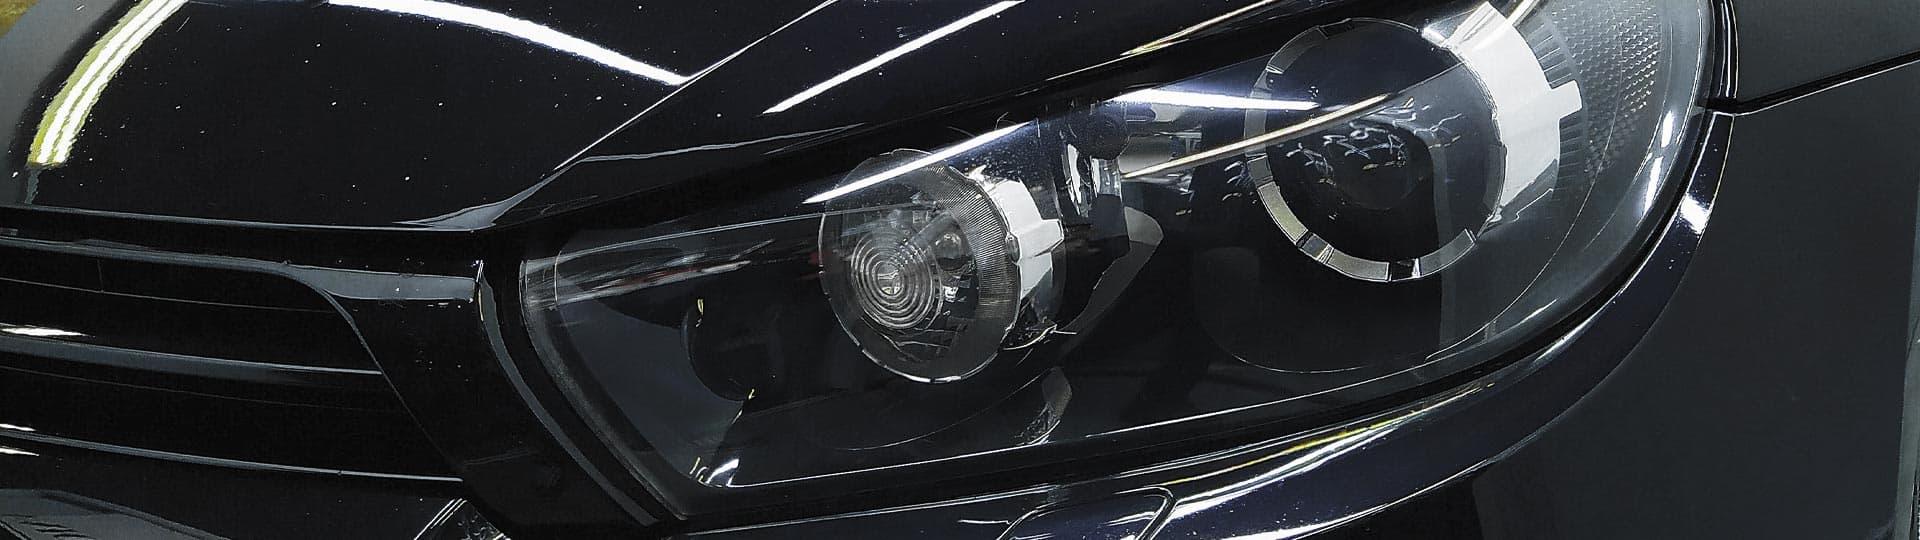 תאורה לרכב